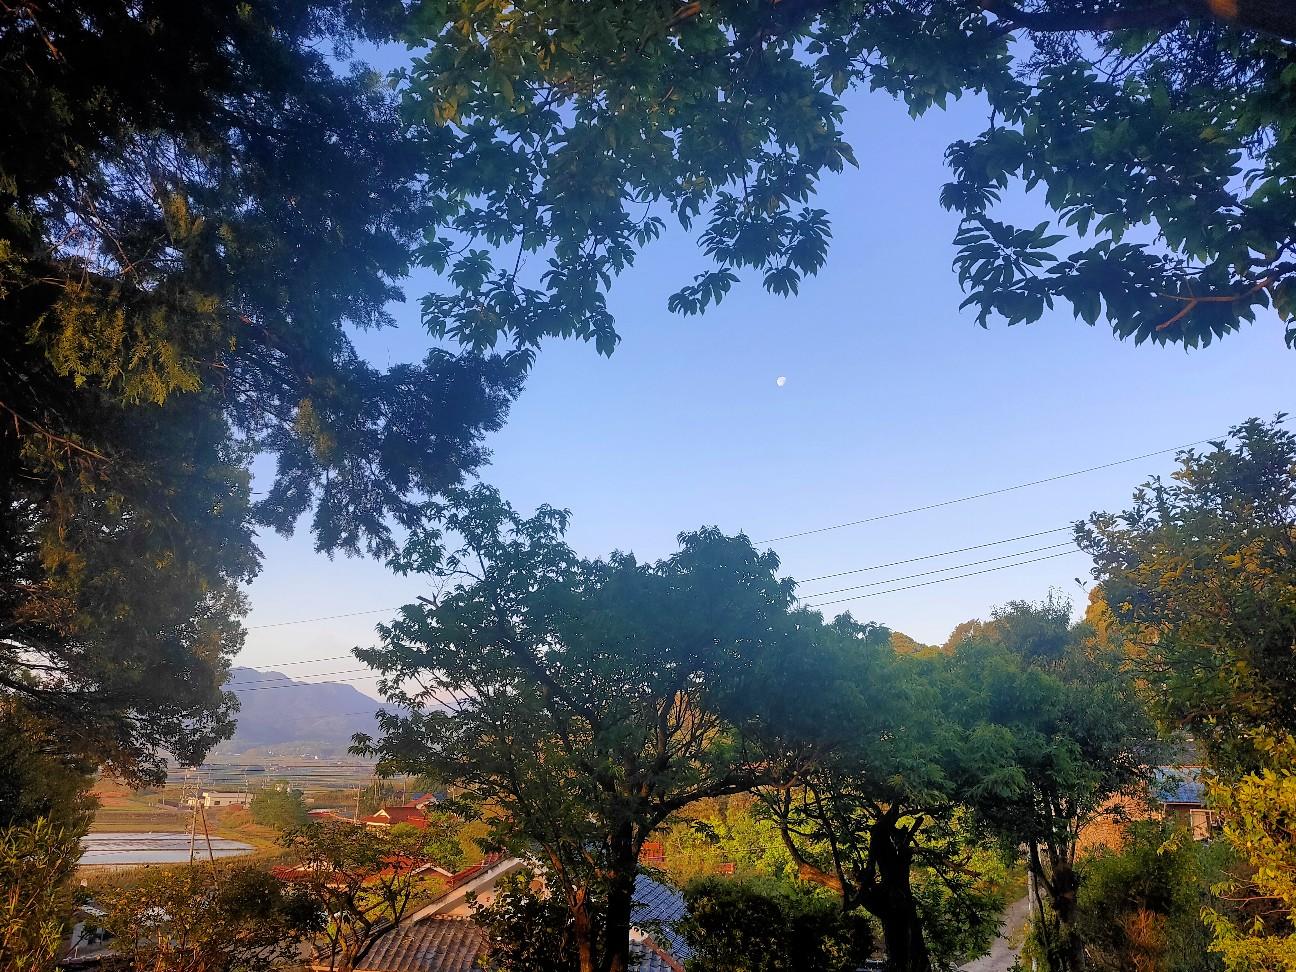 f:id:shingo_shiraishi:20200511210618j:image